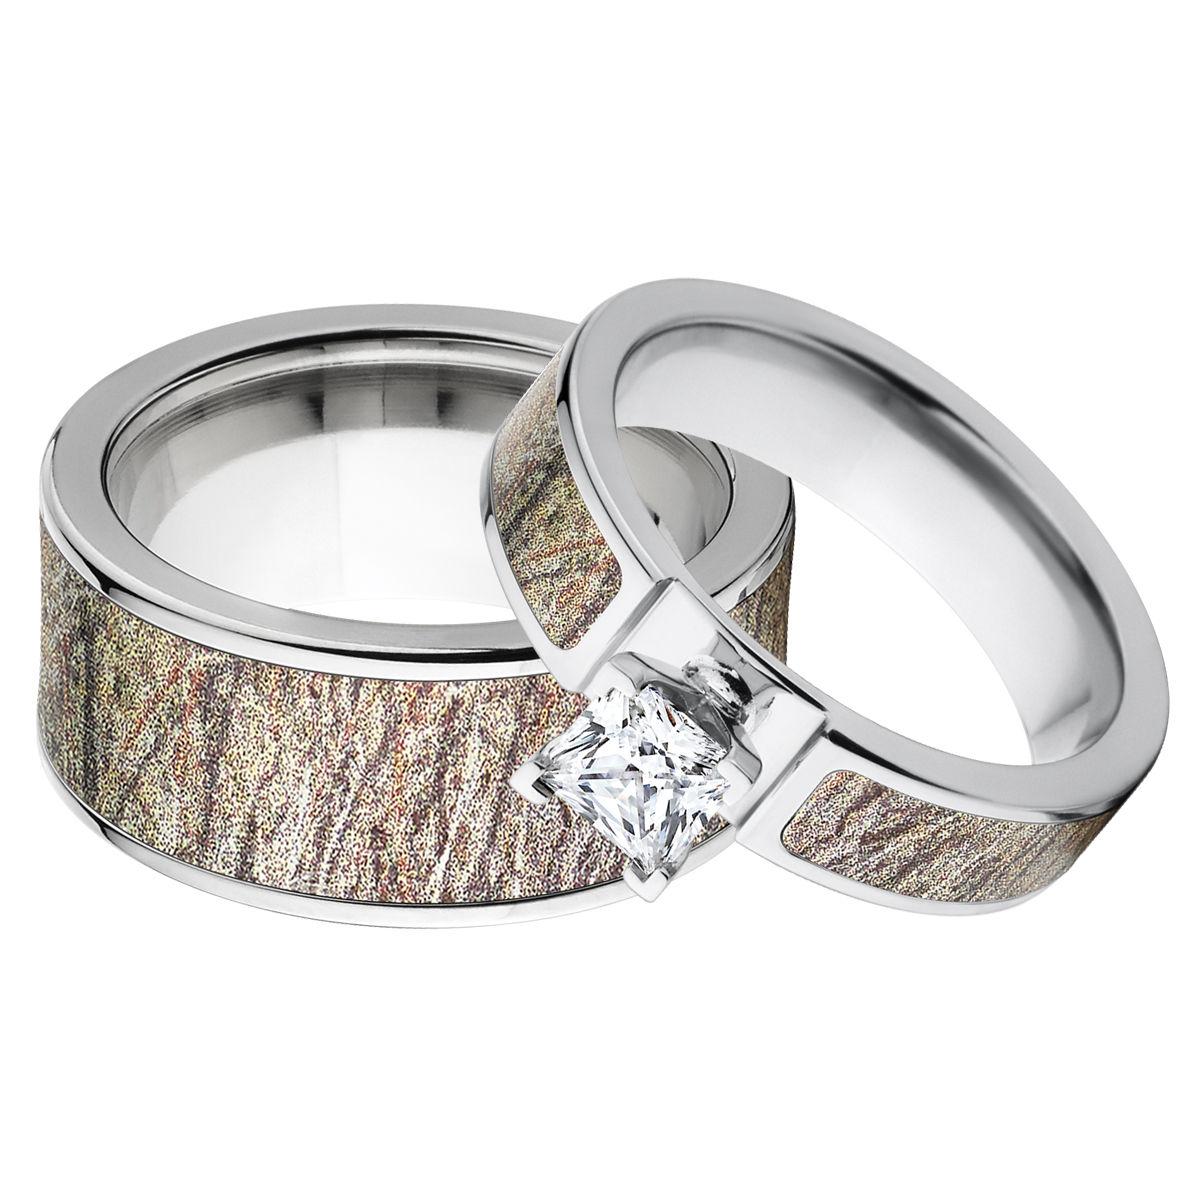 Camo Outdoor Wedding Ideas: Outdoor Wedding Ring Sets, Brush Camo Ring Set